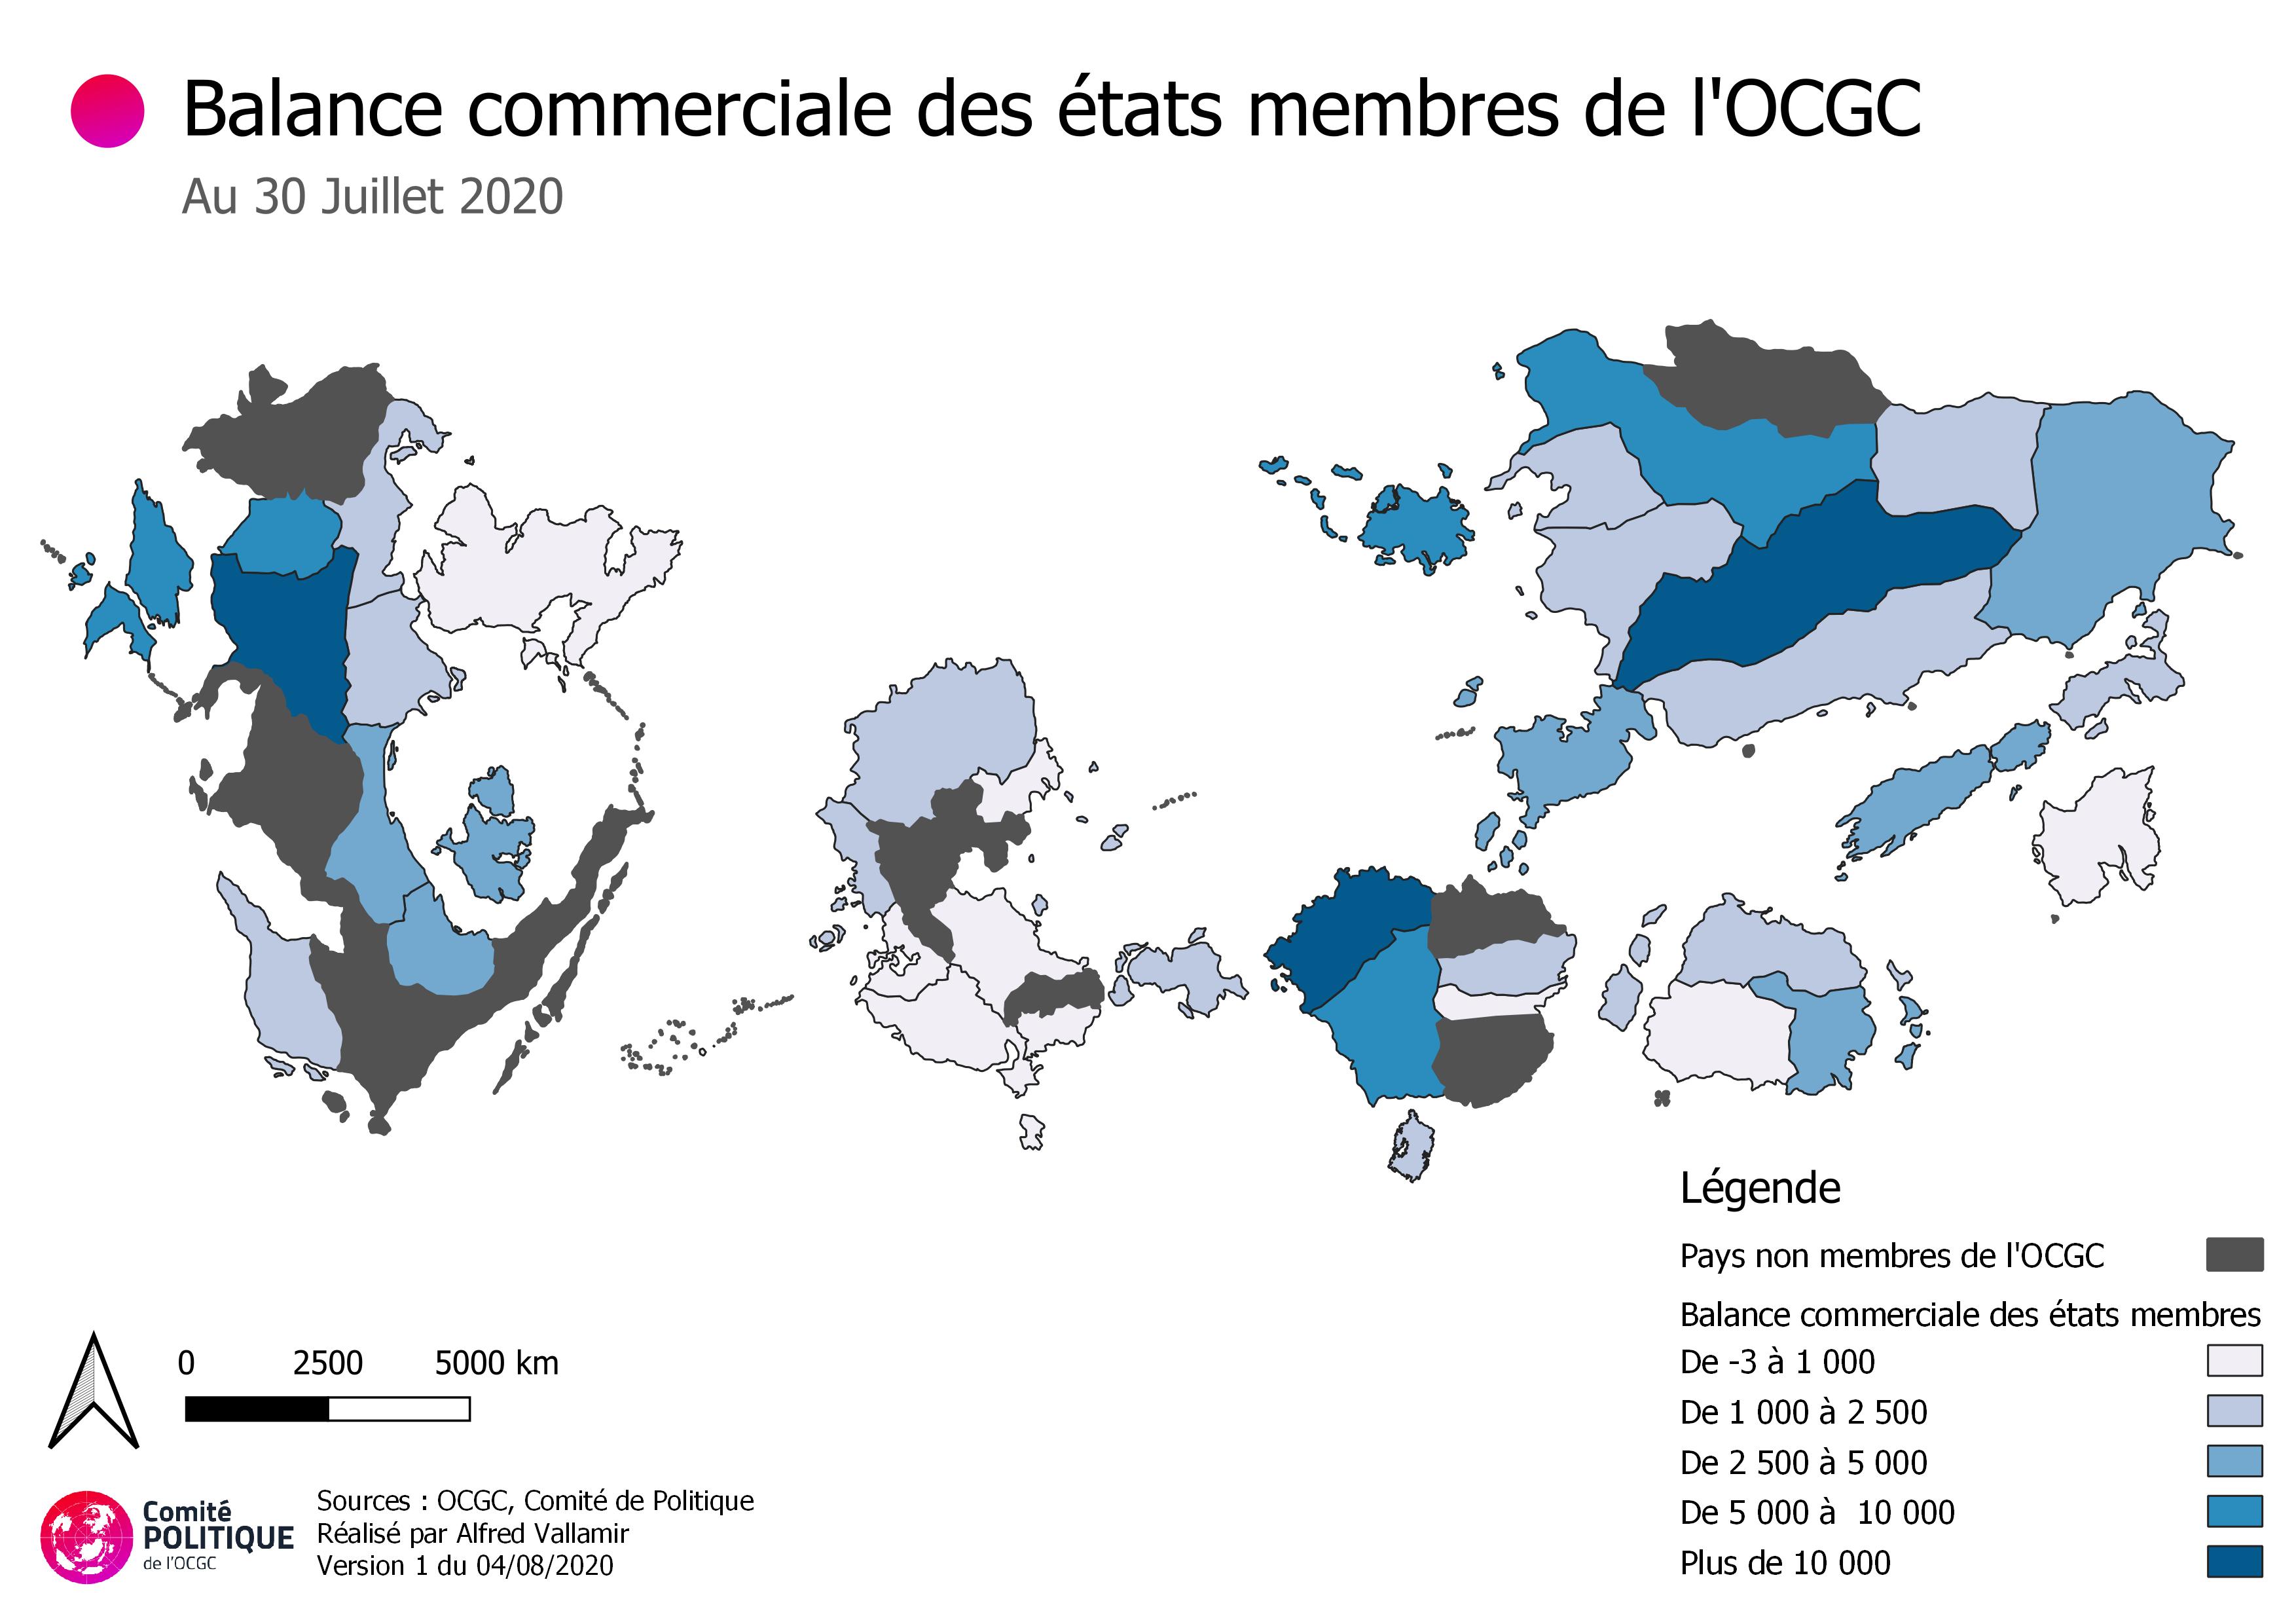 Atlas du comité de politique - L'édition 2021 disponible ! - Page 4 ComPol_Temp_Commerce